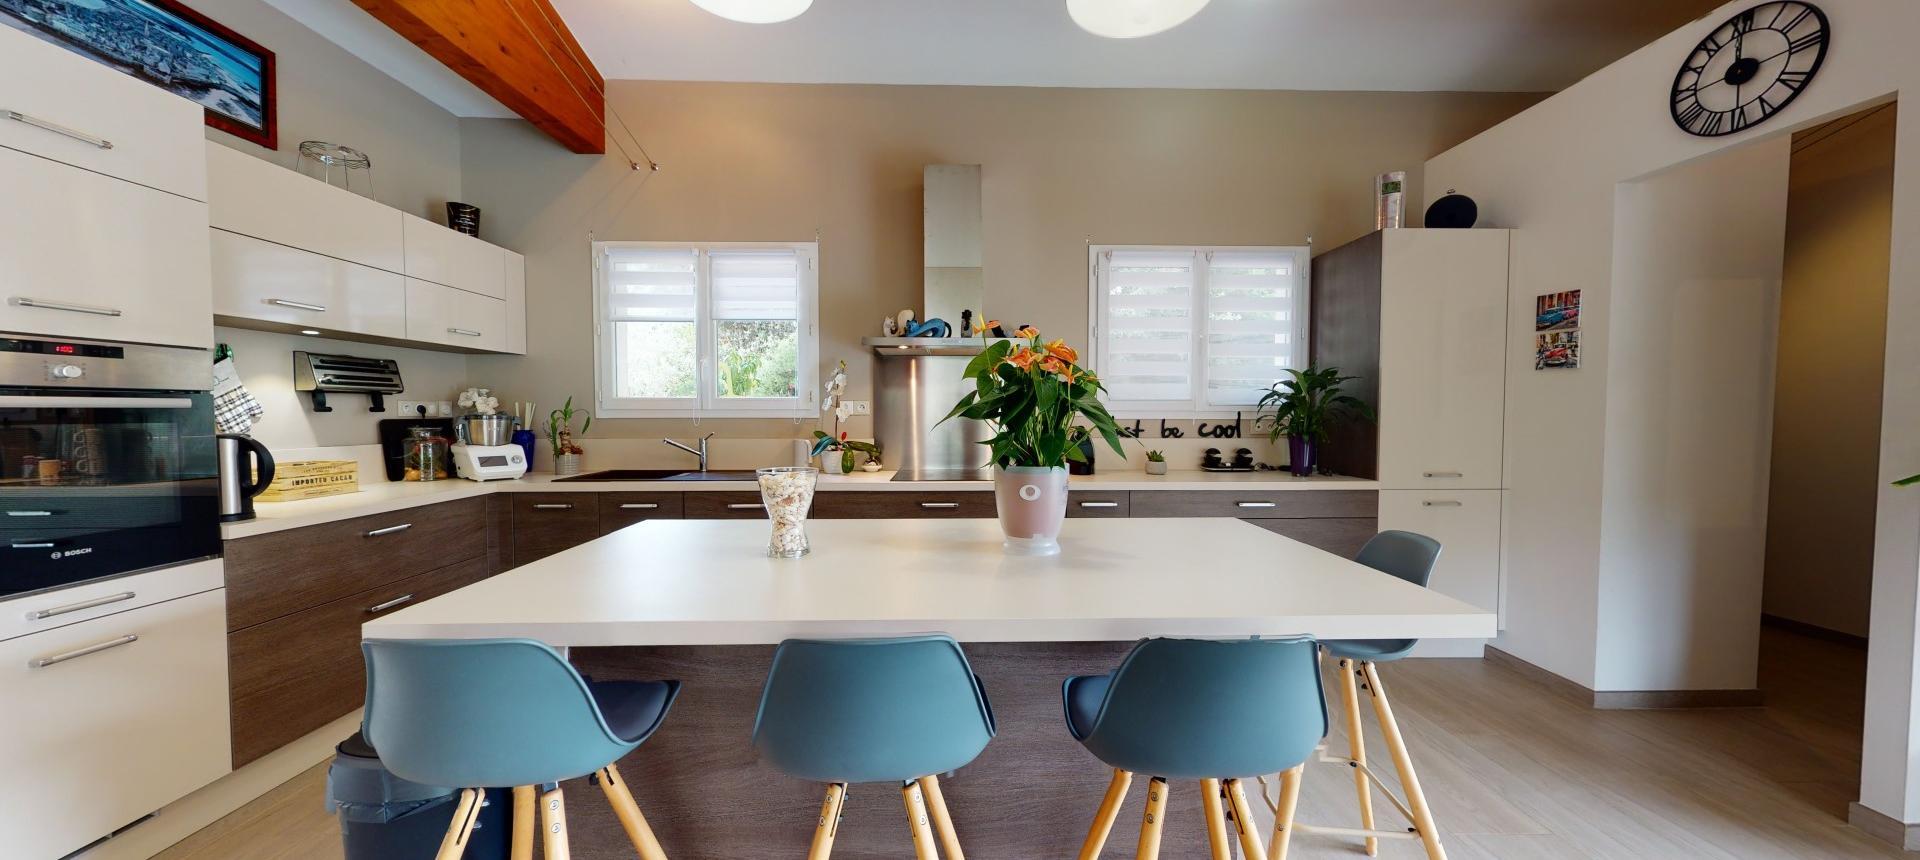 Villa à vendre proche Ajaccio - San Benedetto - Vue cuisine 2 - RDC